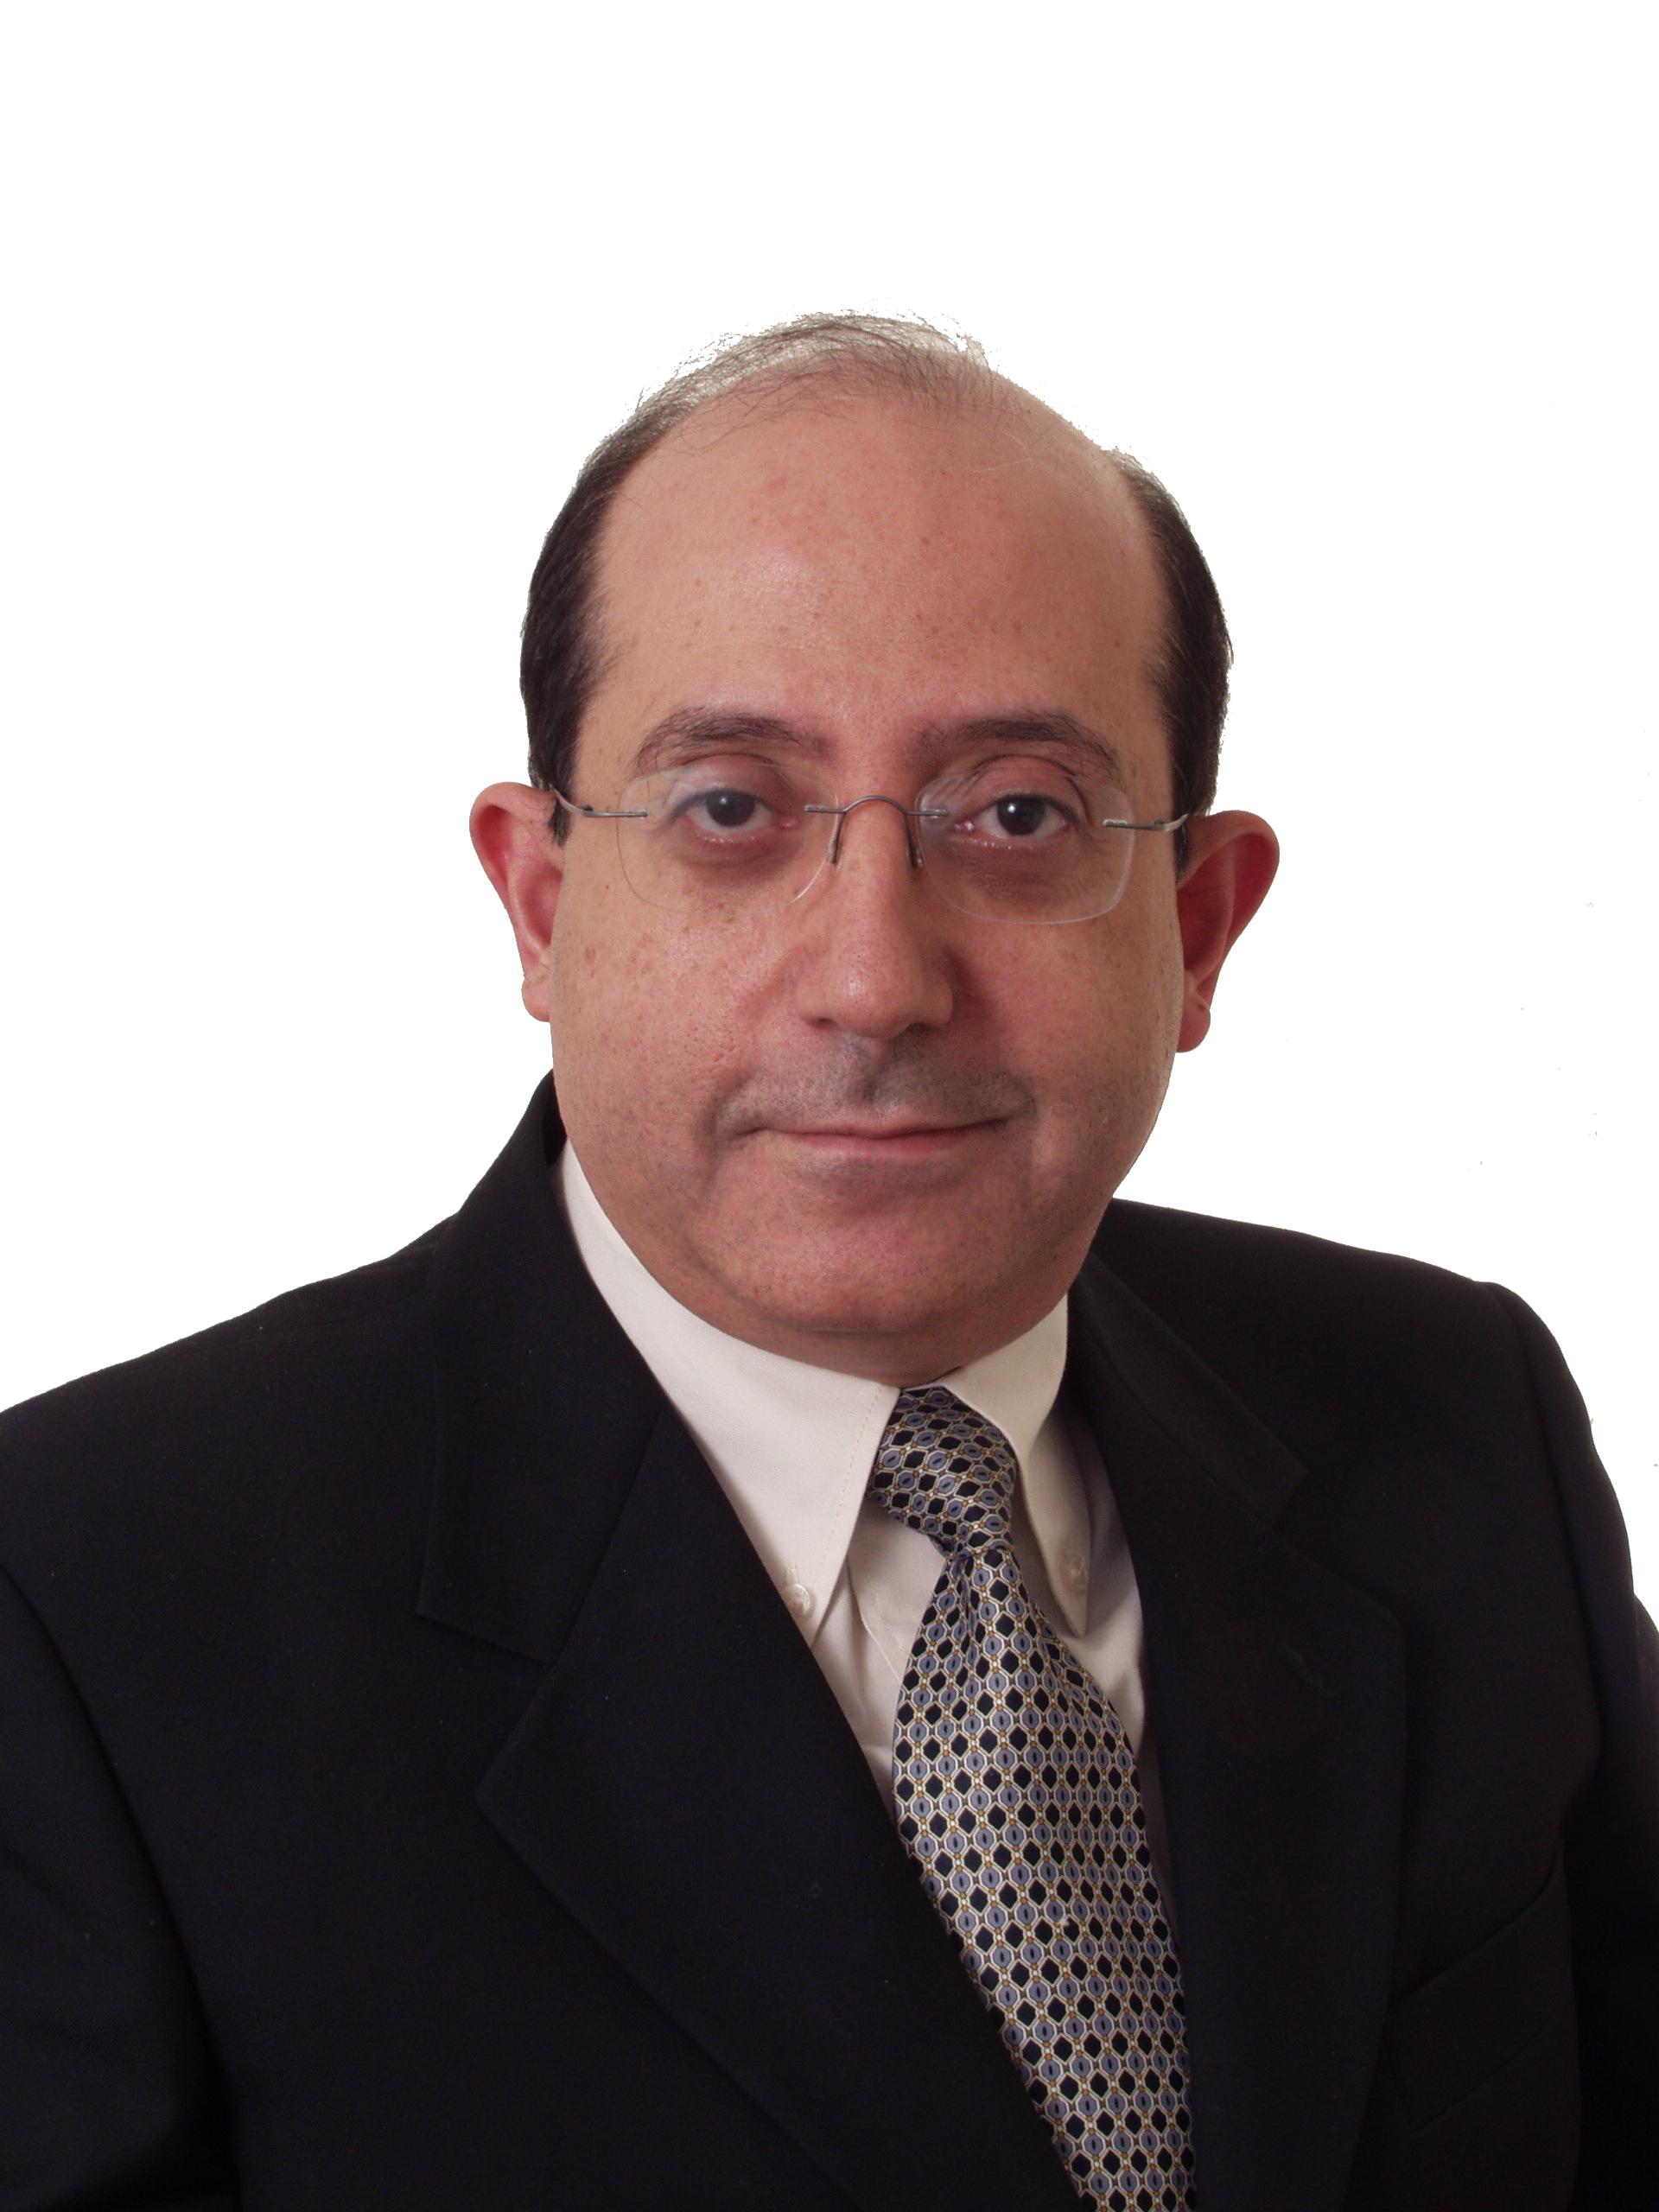 Adib Moukarzel